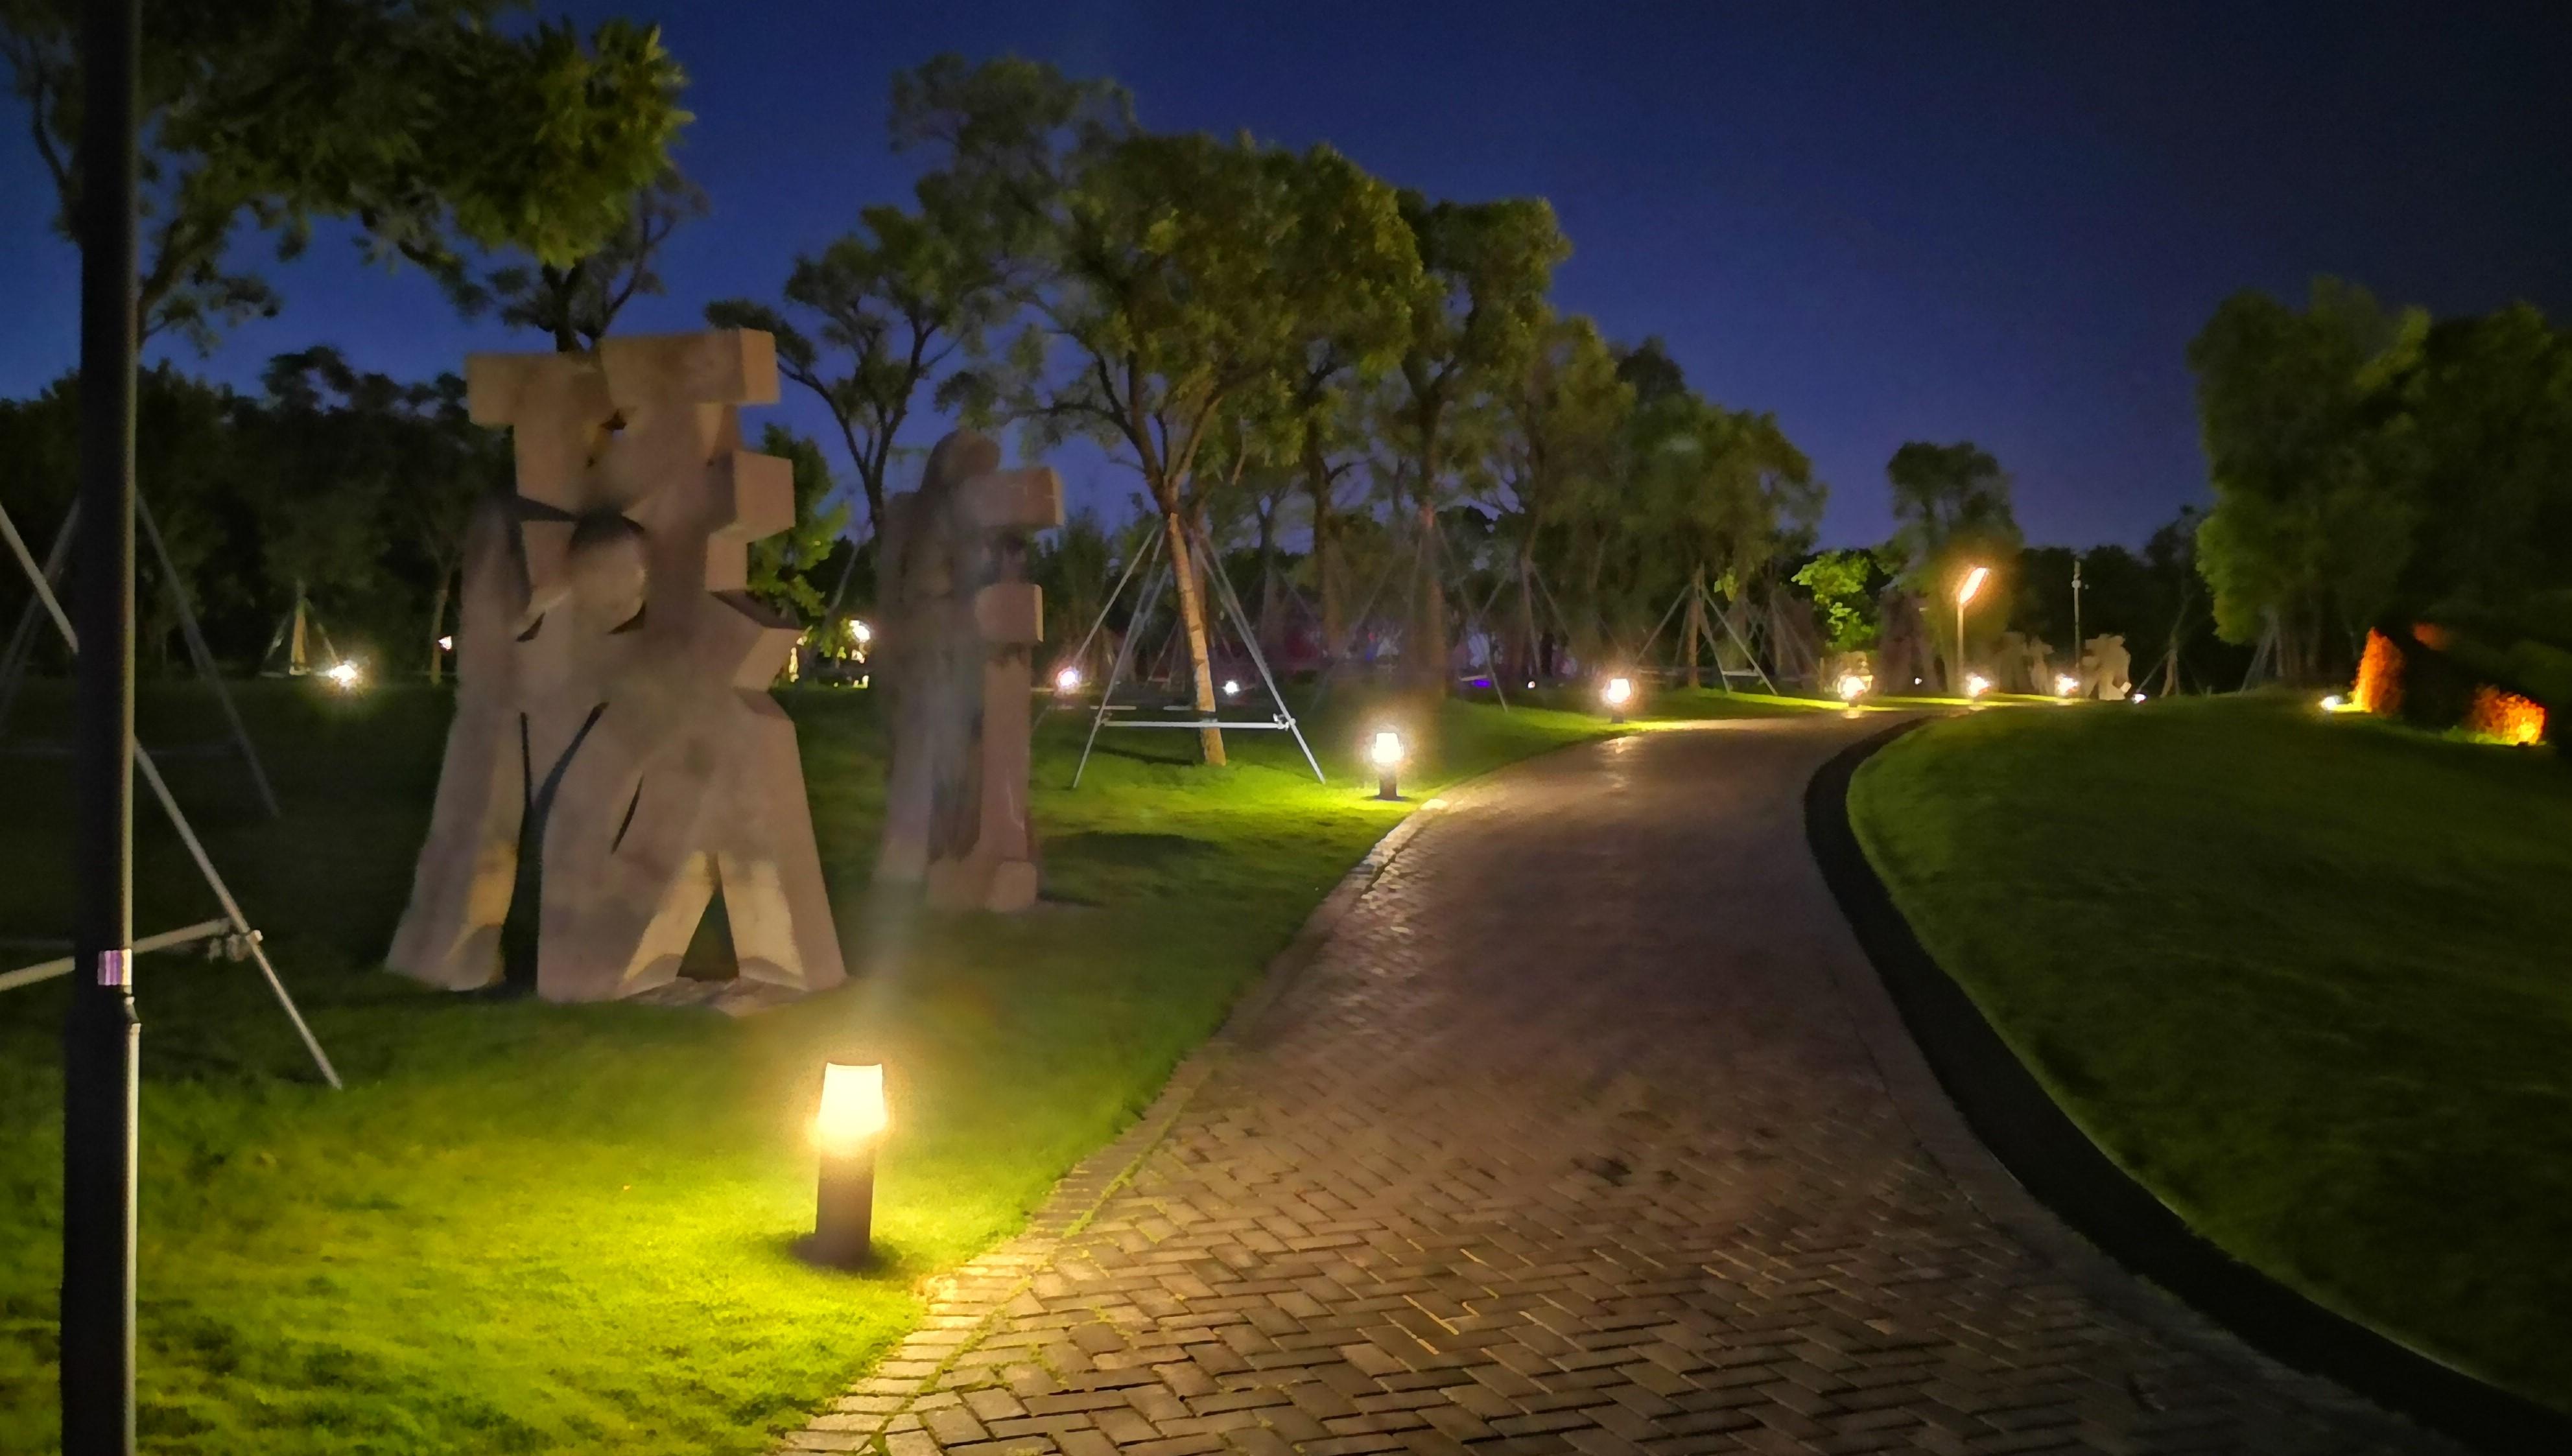 思迪恩园林景观照明设计景观亮化工程 更娱乐化+更精致化